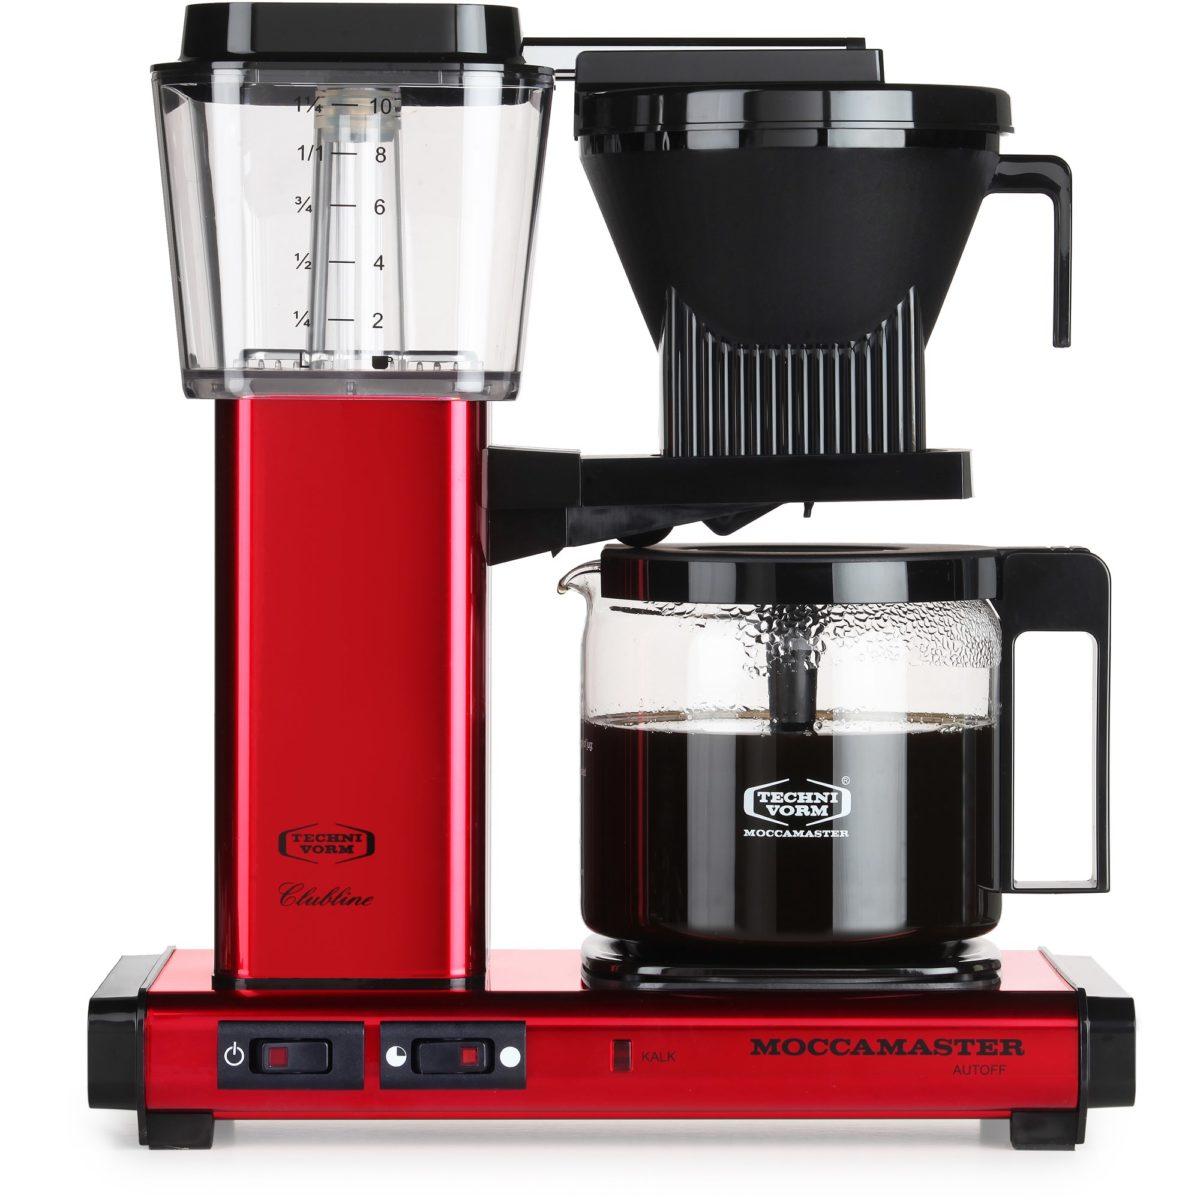 Den gode gamle kaffemaskine er på vej tilbage!